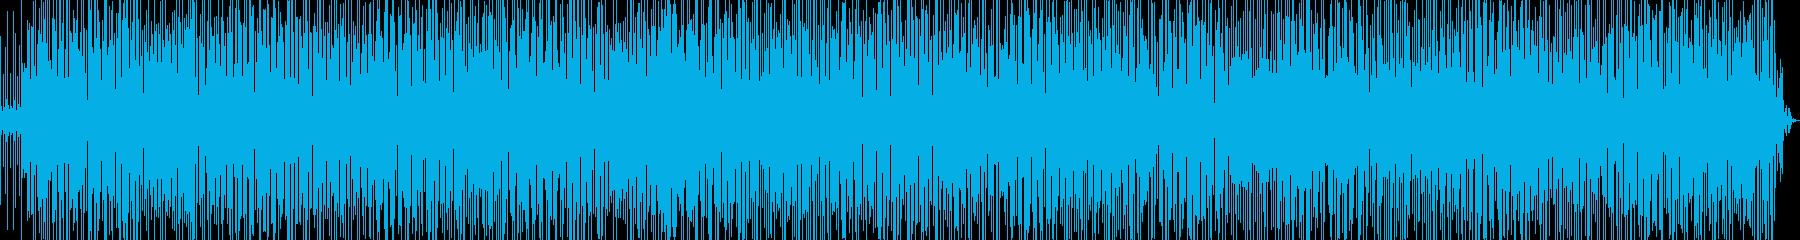 生演奏 軽快なラテンファンク Ver.2の再生済みの波形